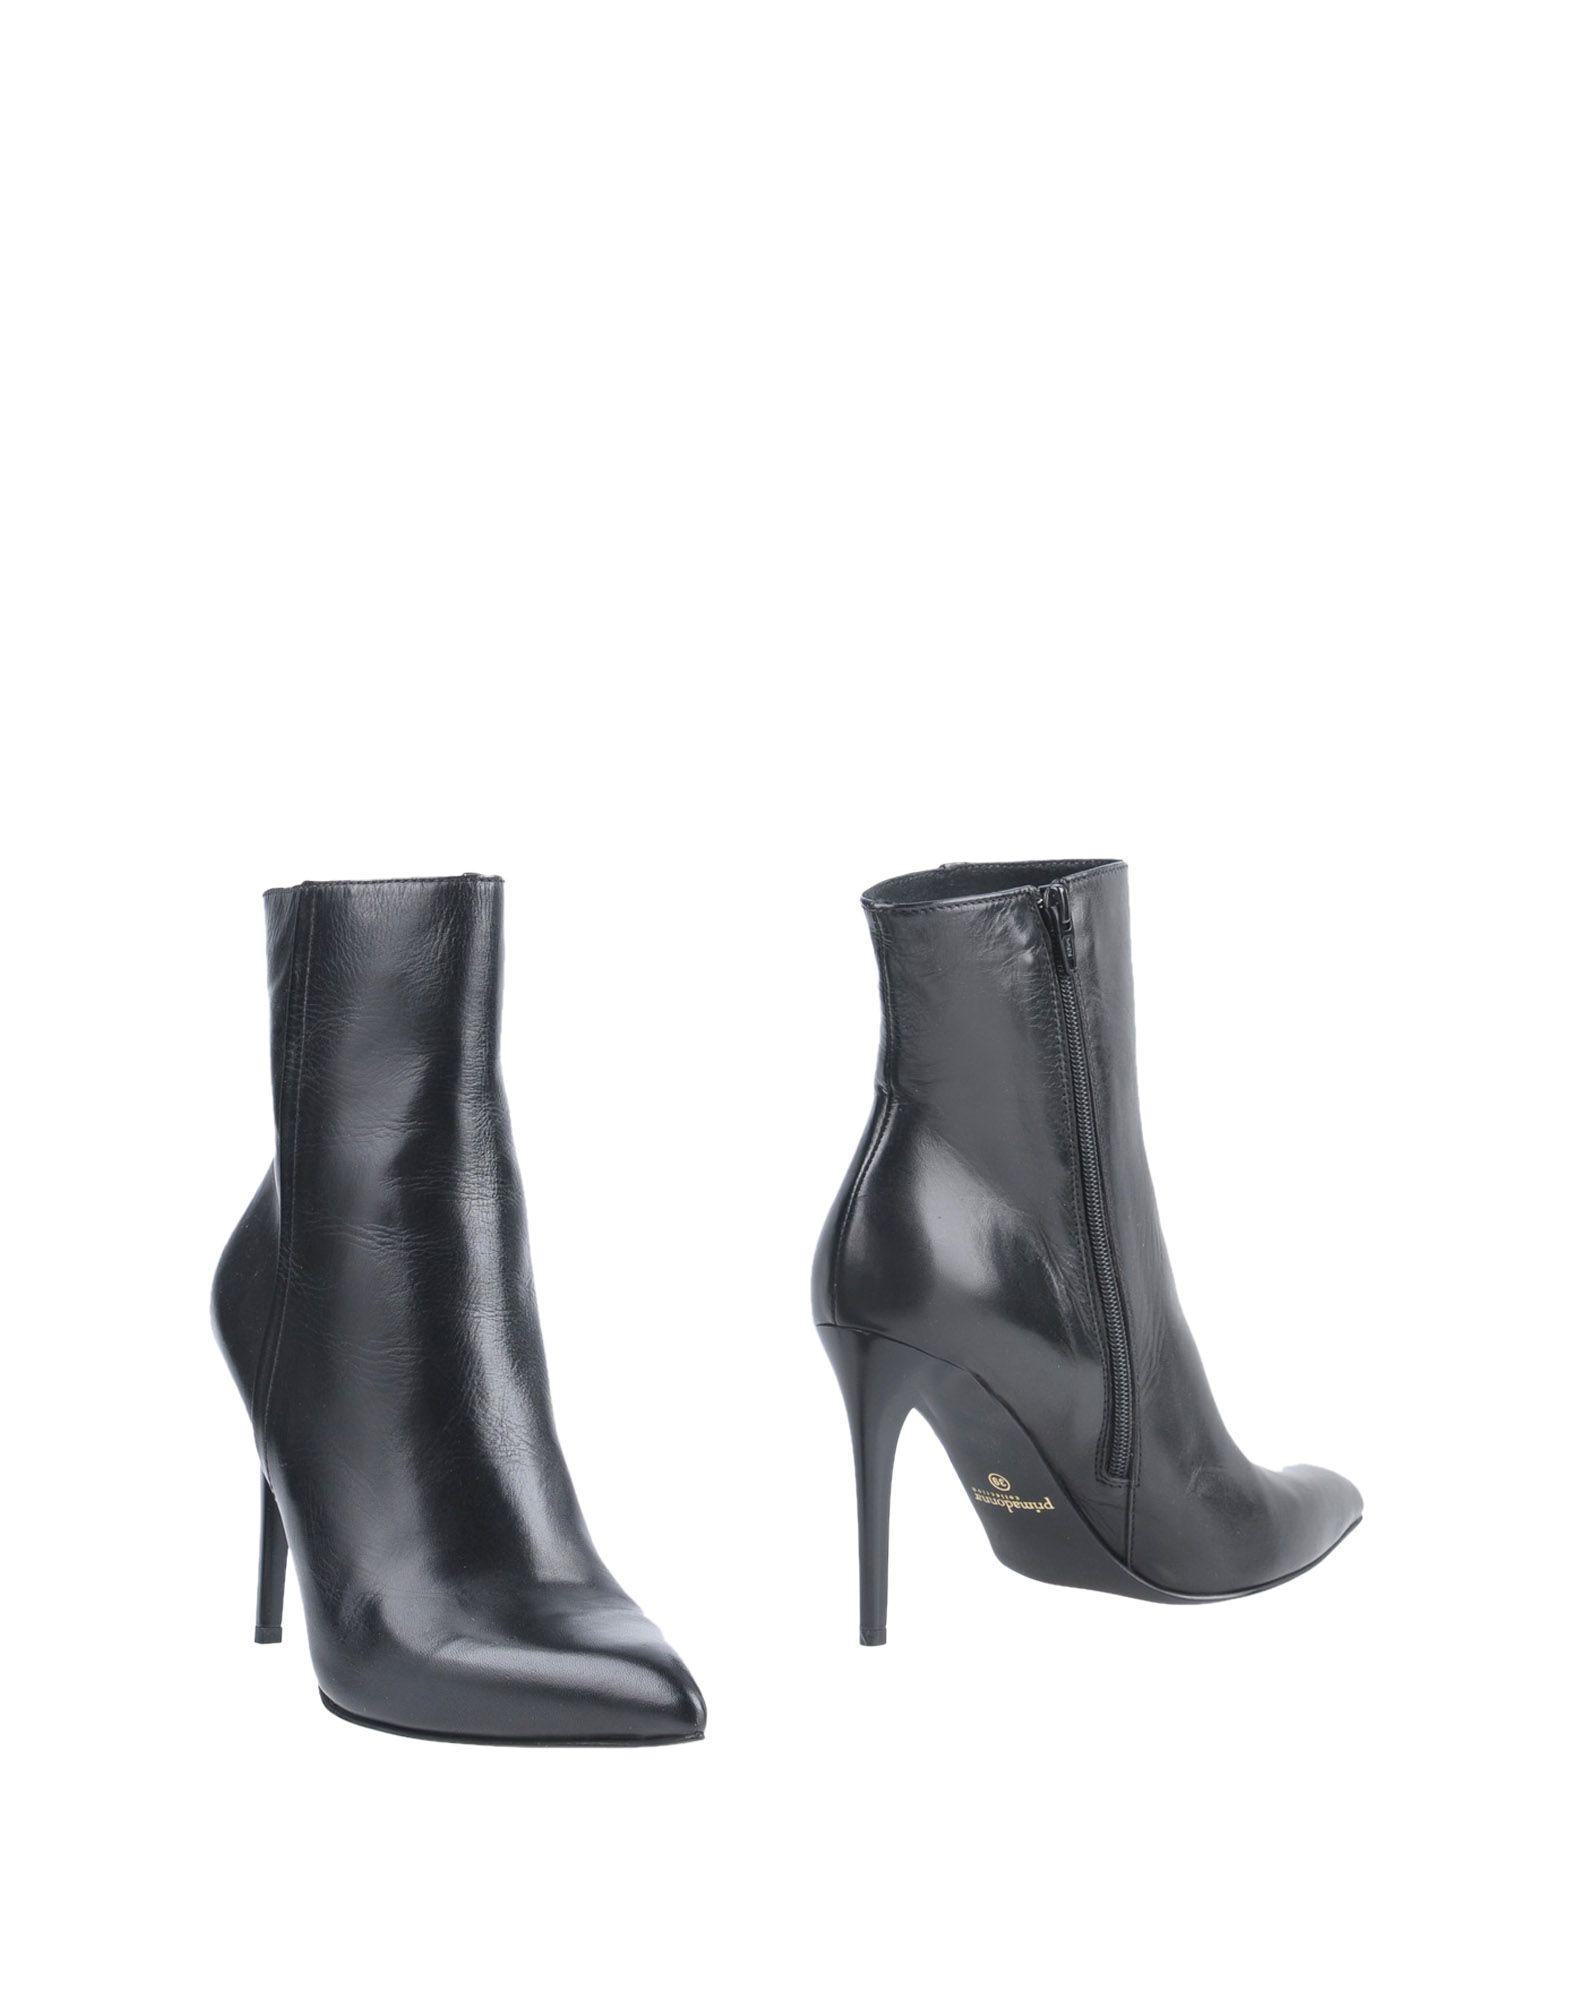 Günstige und modische Schuhe Primadonna Stiefelette Damen  11317790KV